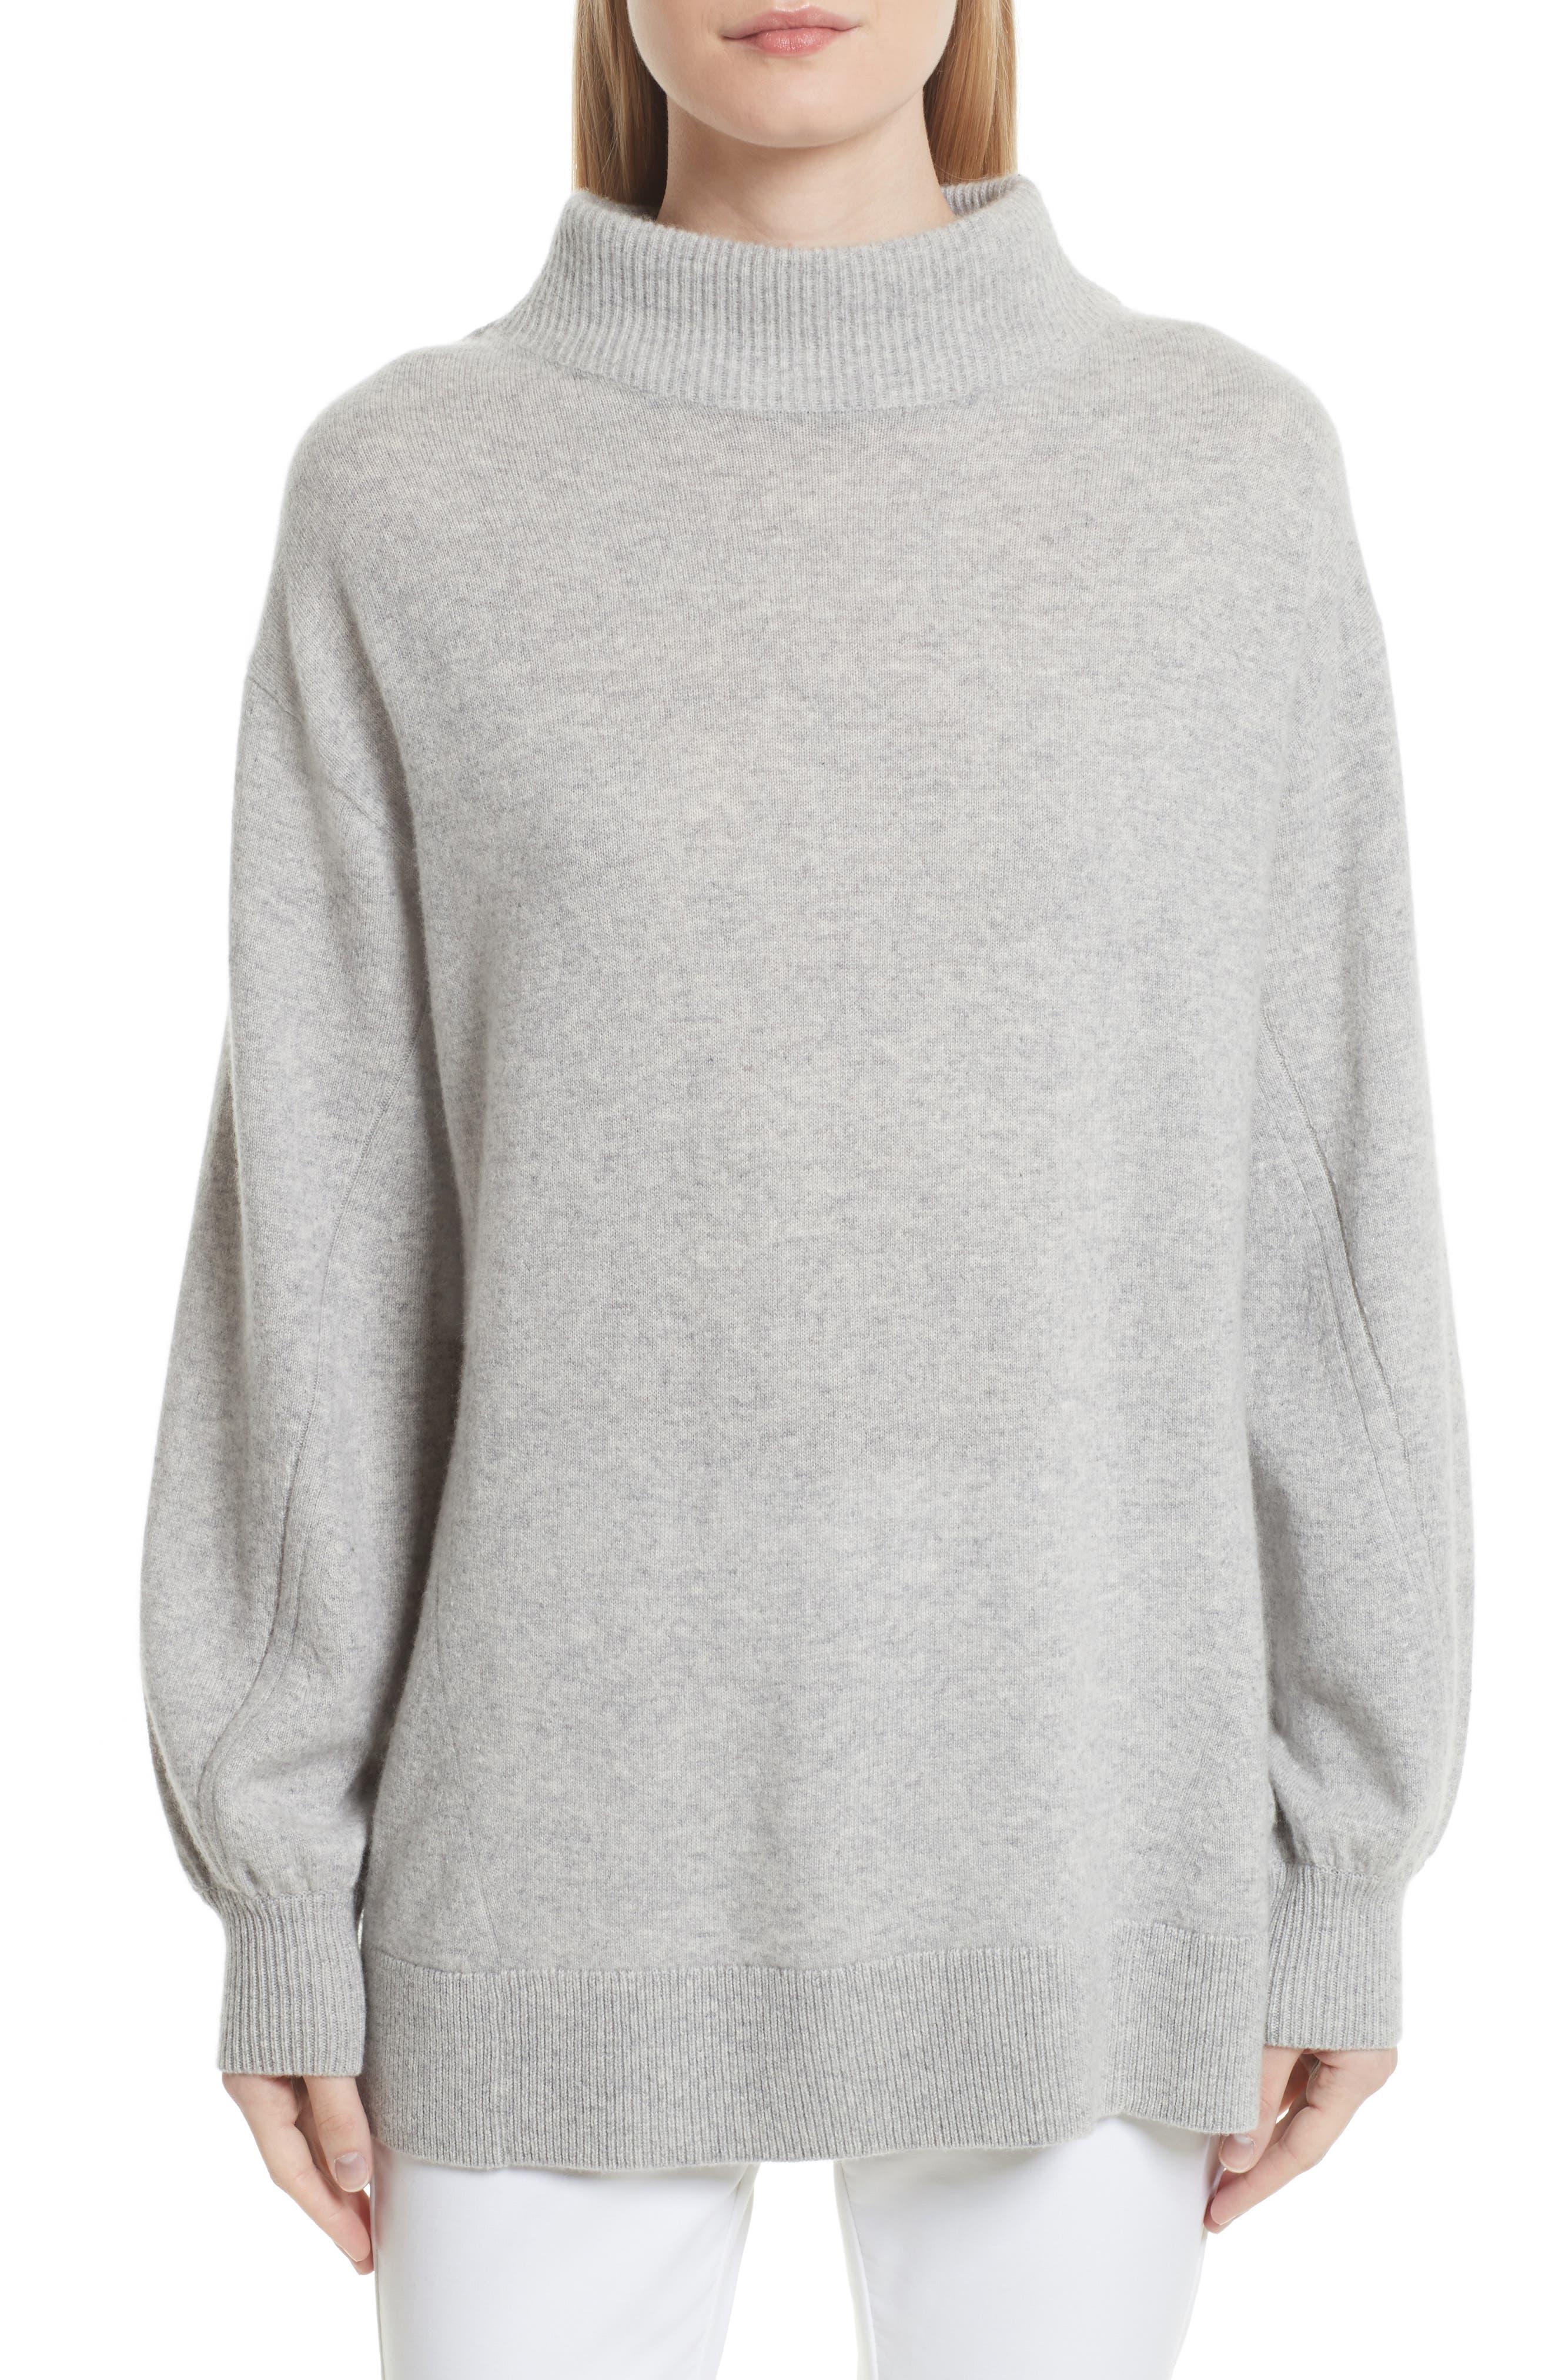 Ace Cashmere Turtleneck Sweater,                         Main,                         color, 058